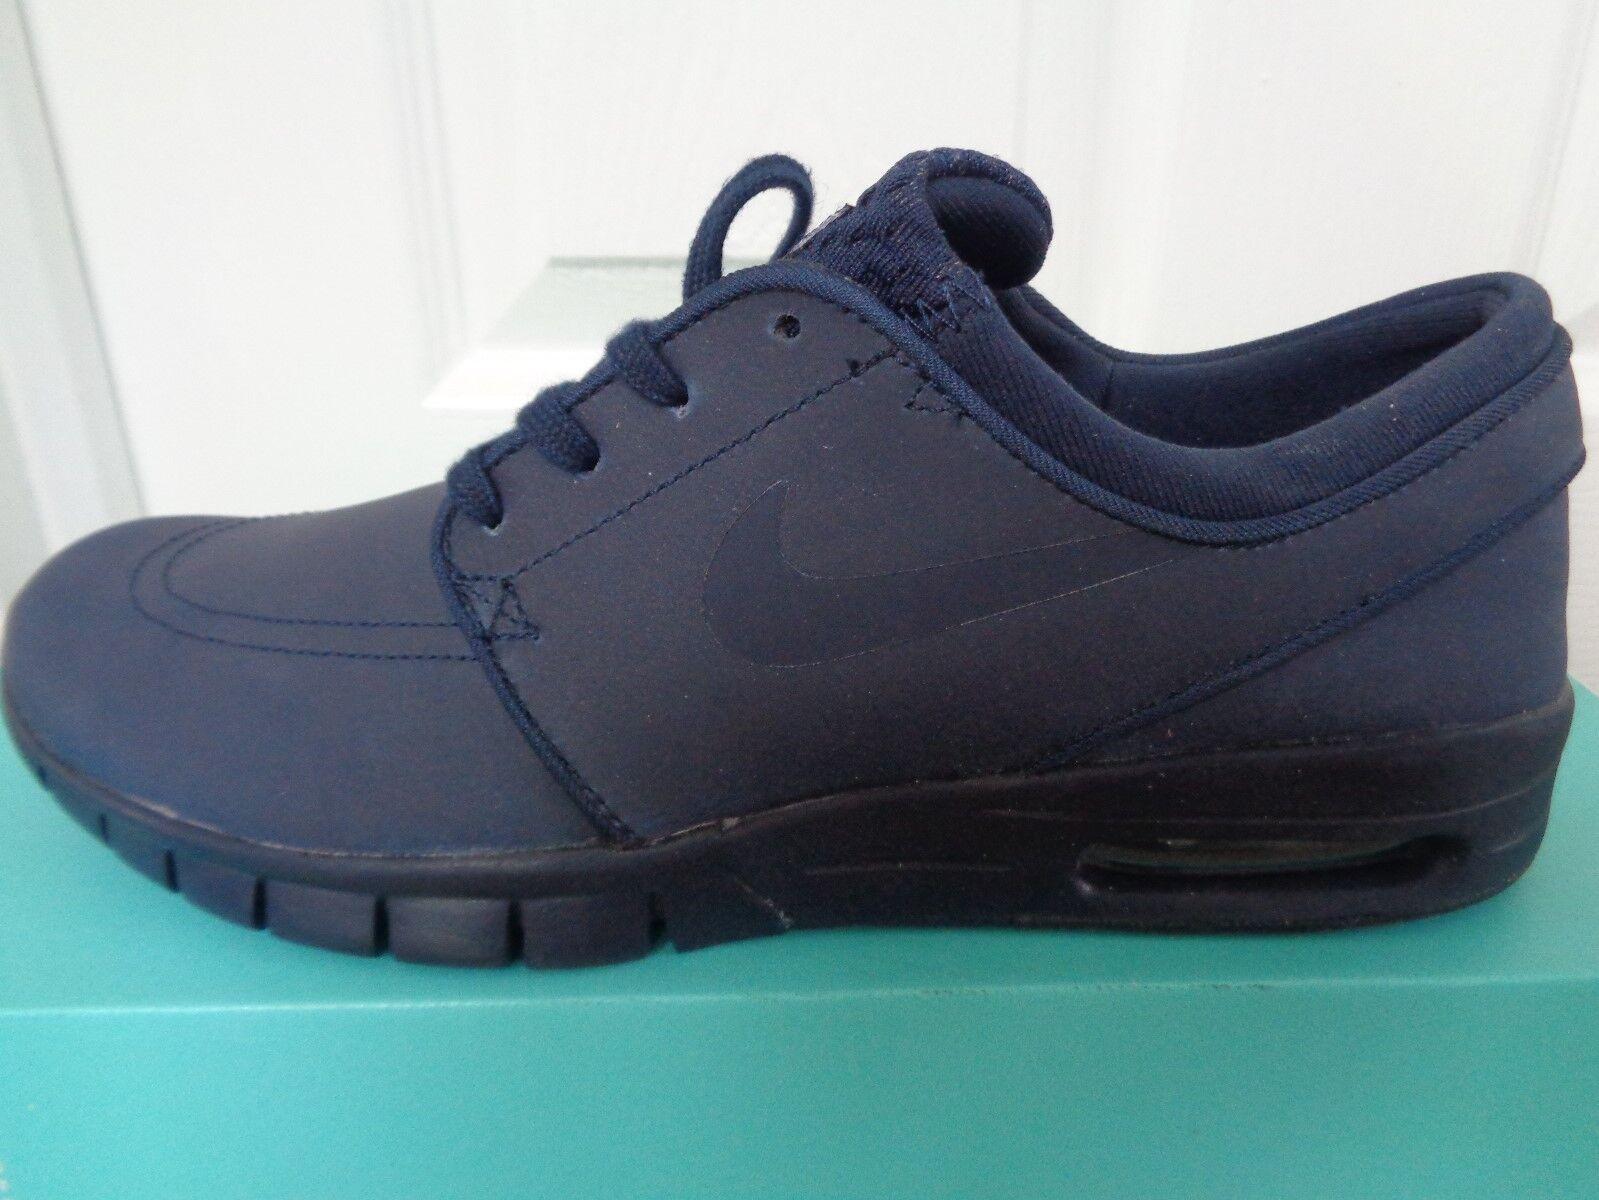 Nike Stefan Janoski MAX MAX MAX L 685299 441 Baskets Chaussures US 8 NEW 440262